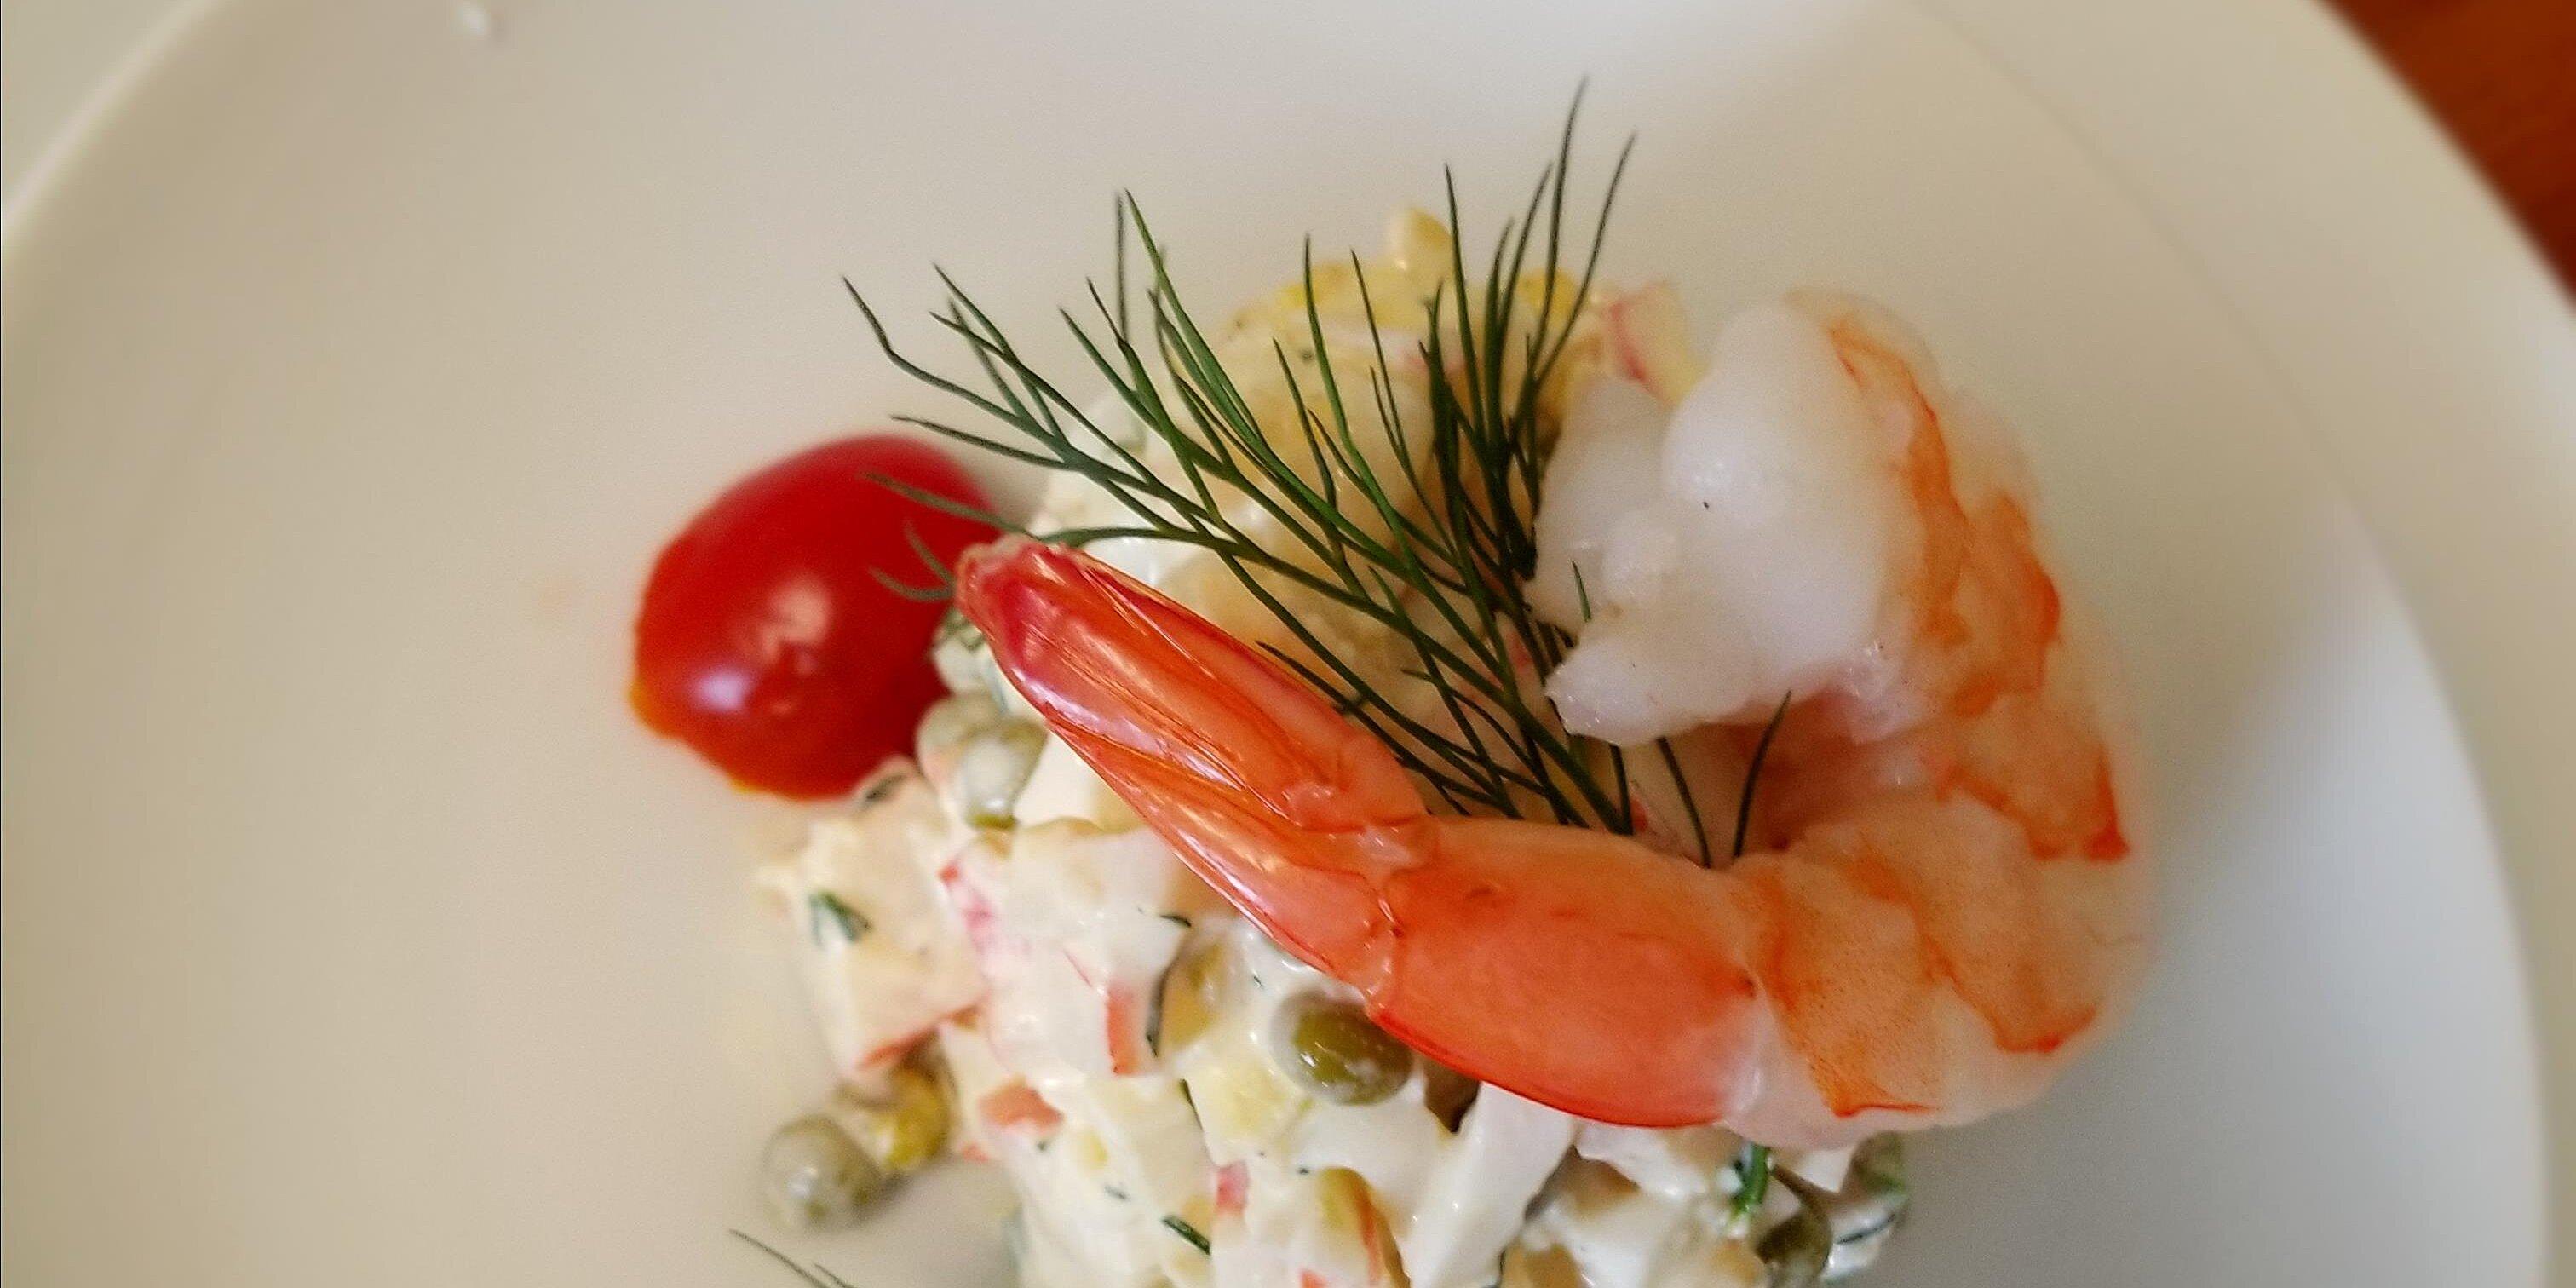 simple crab and shrimp salad recipe